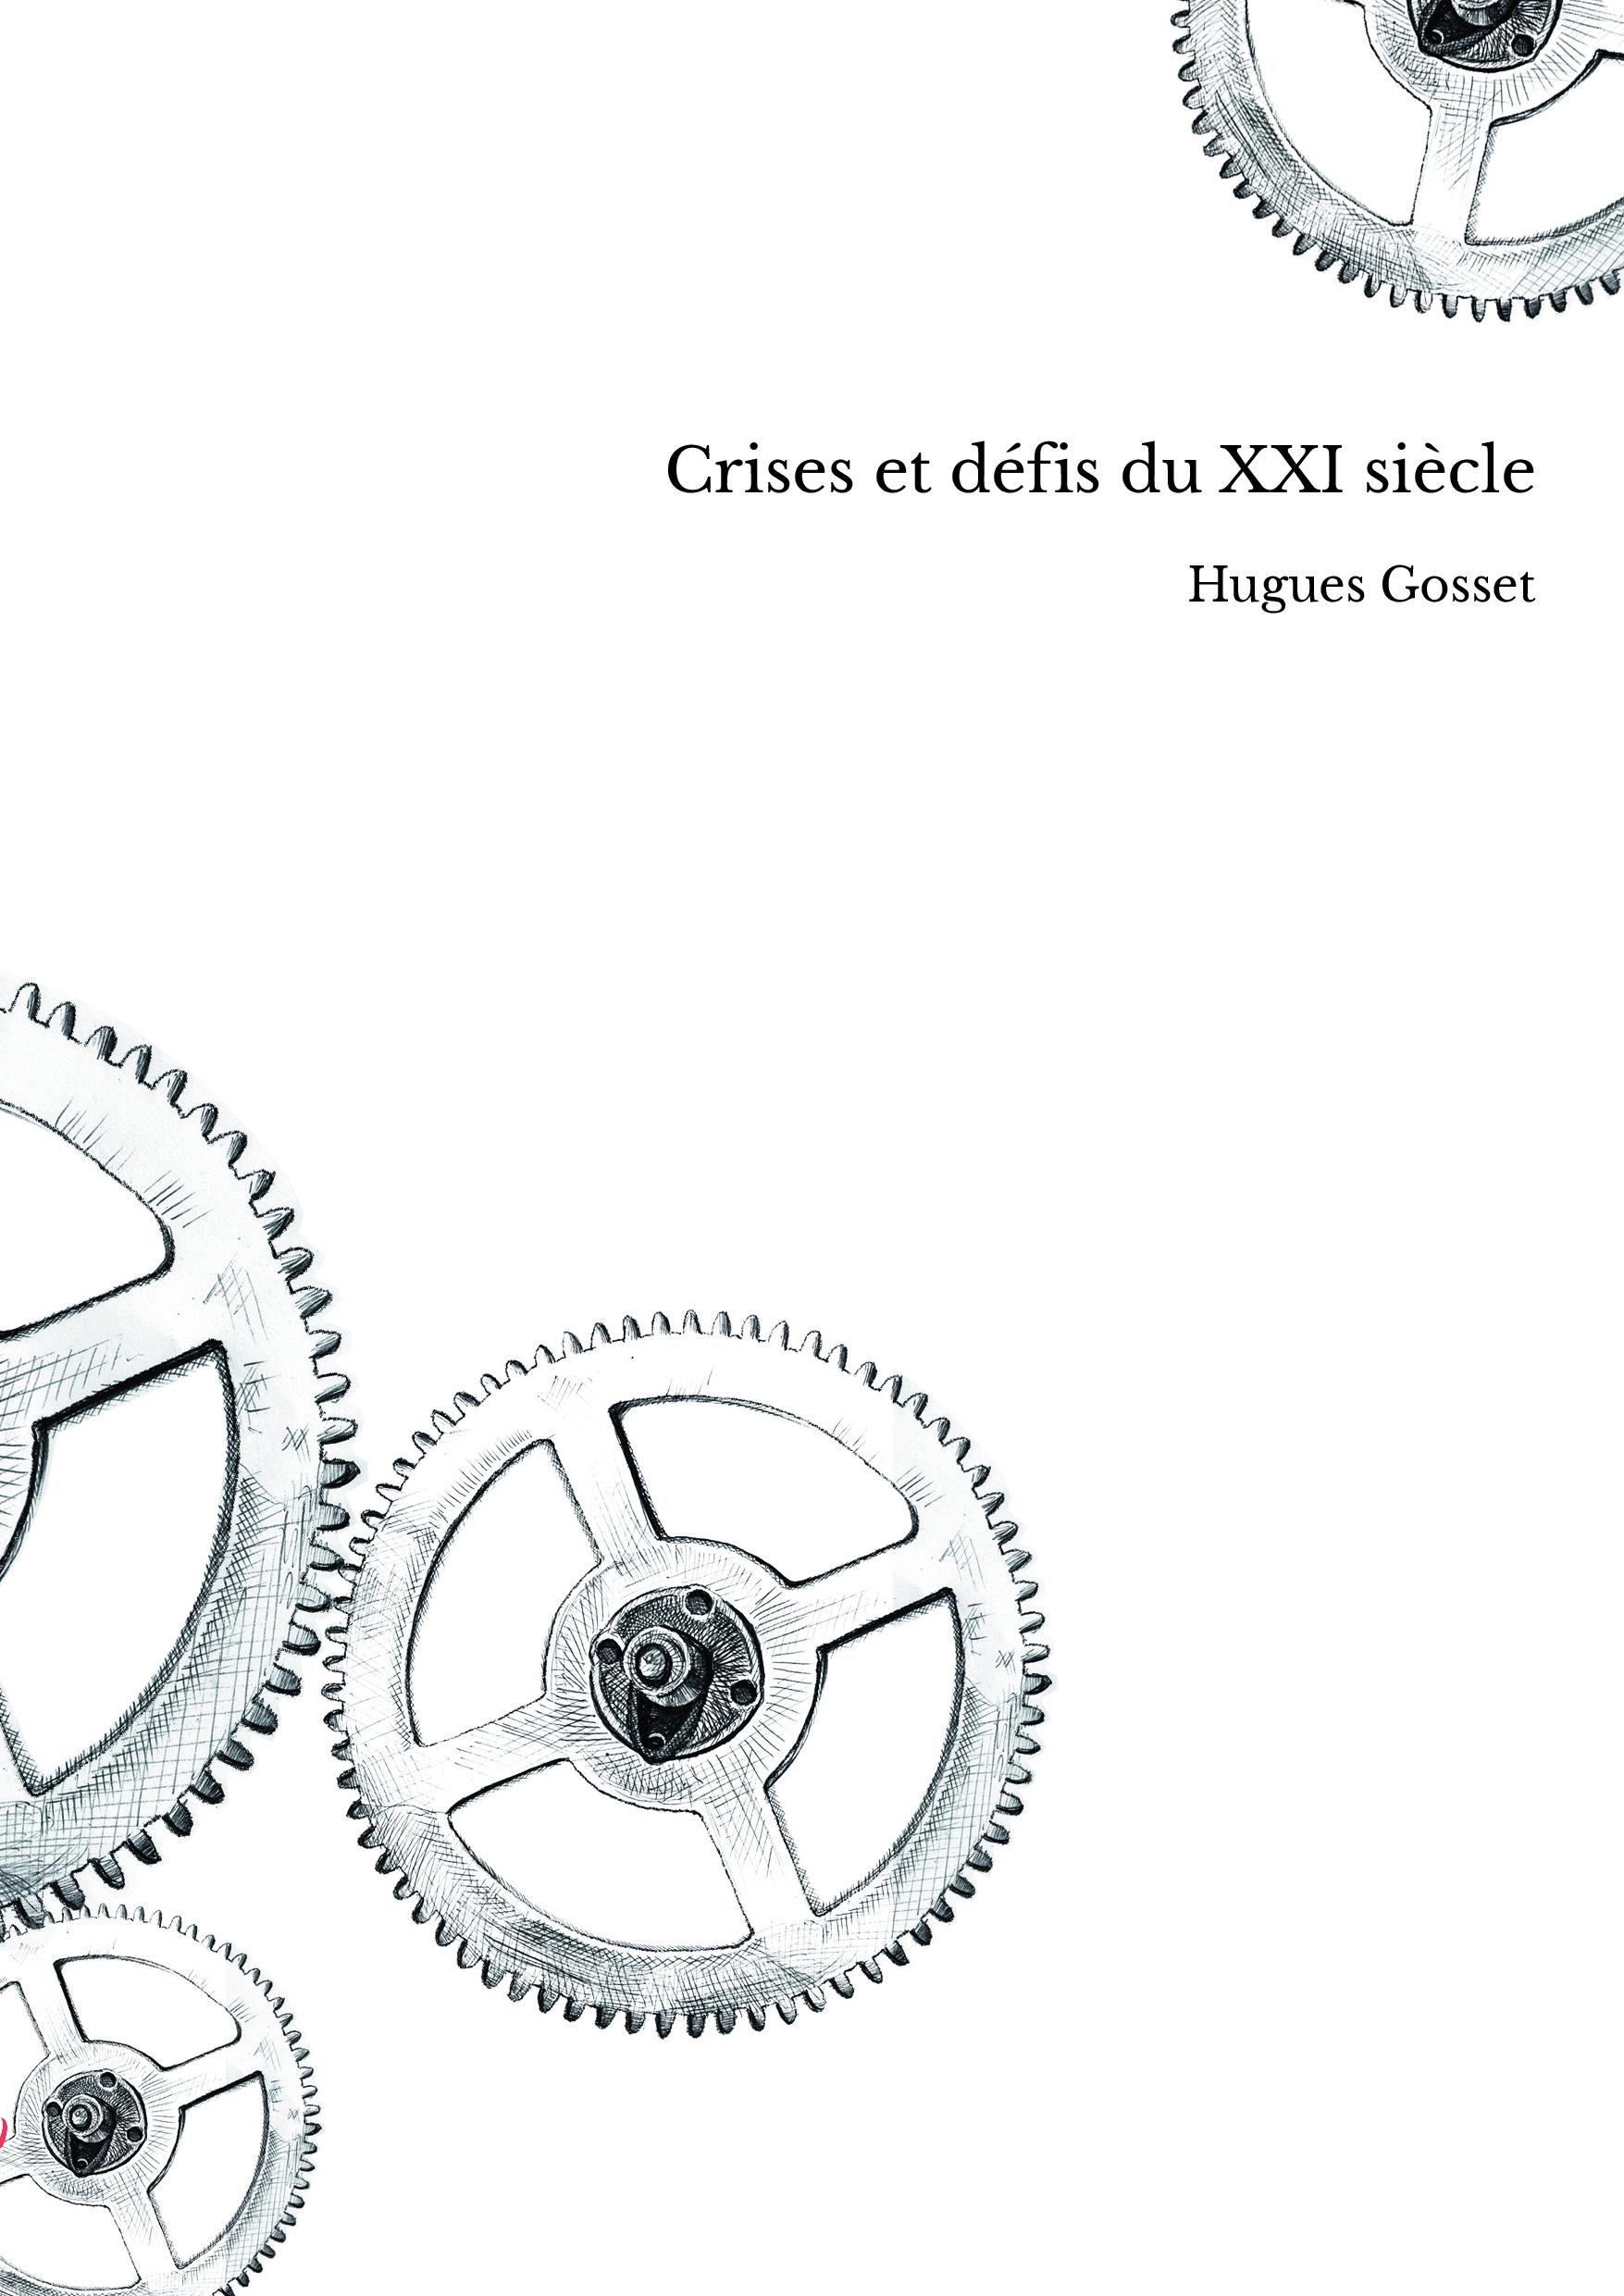 Crises et défis du XXI siècle